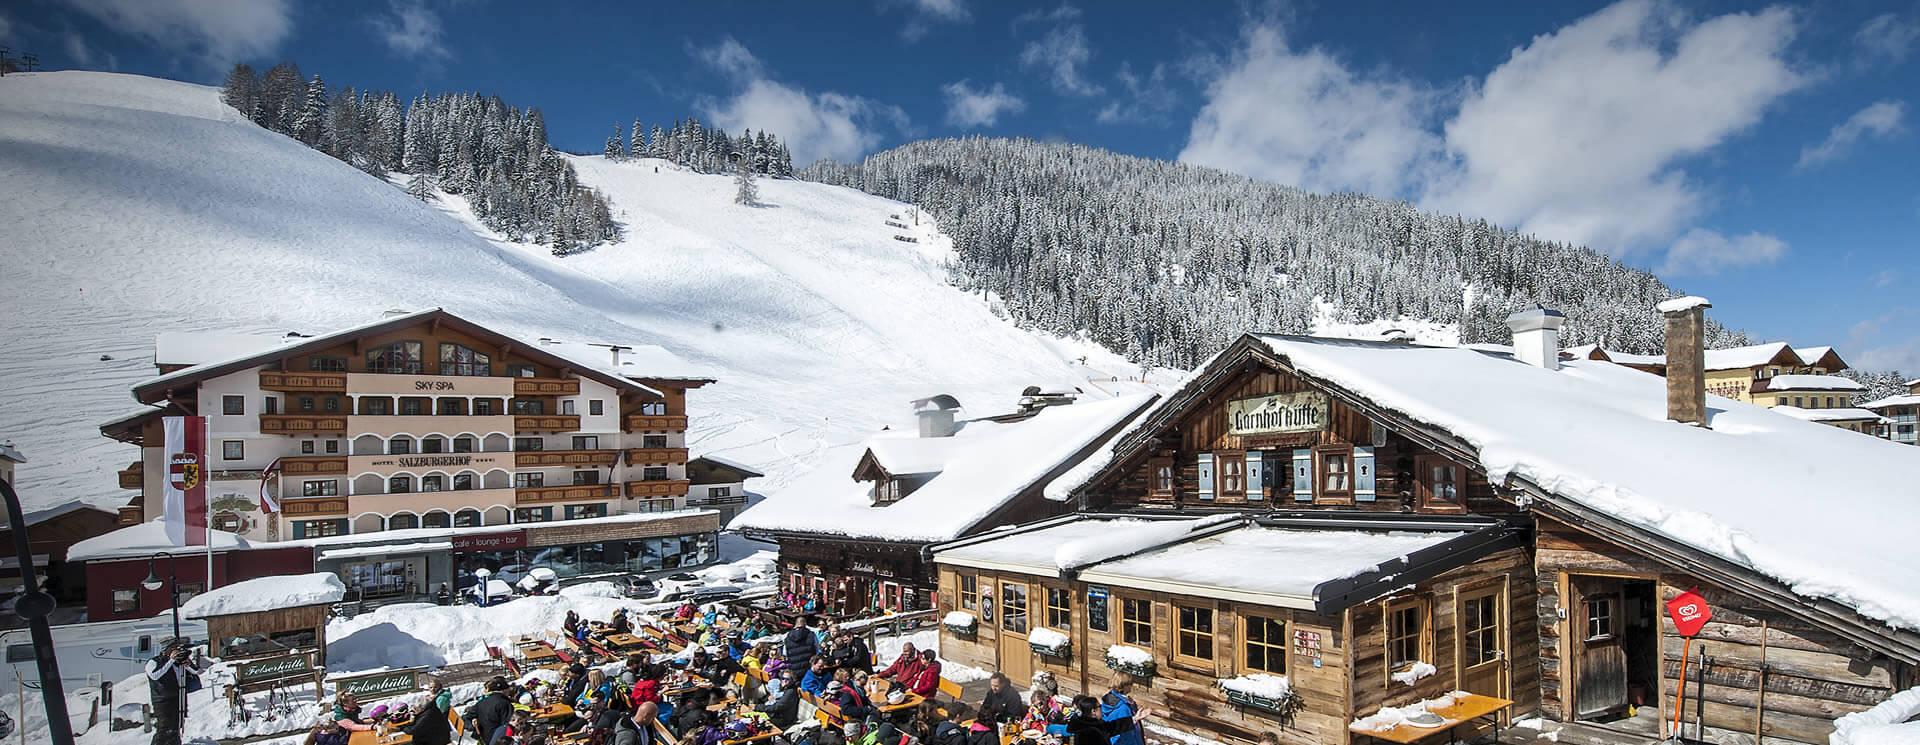 Winter Urlaub in Zauchensee - Hotel Salzburger Hof